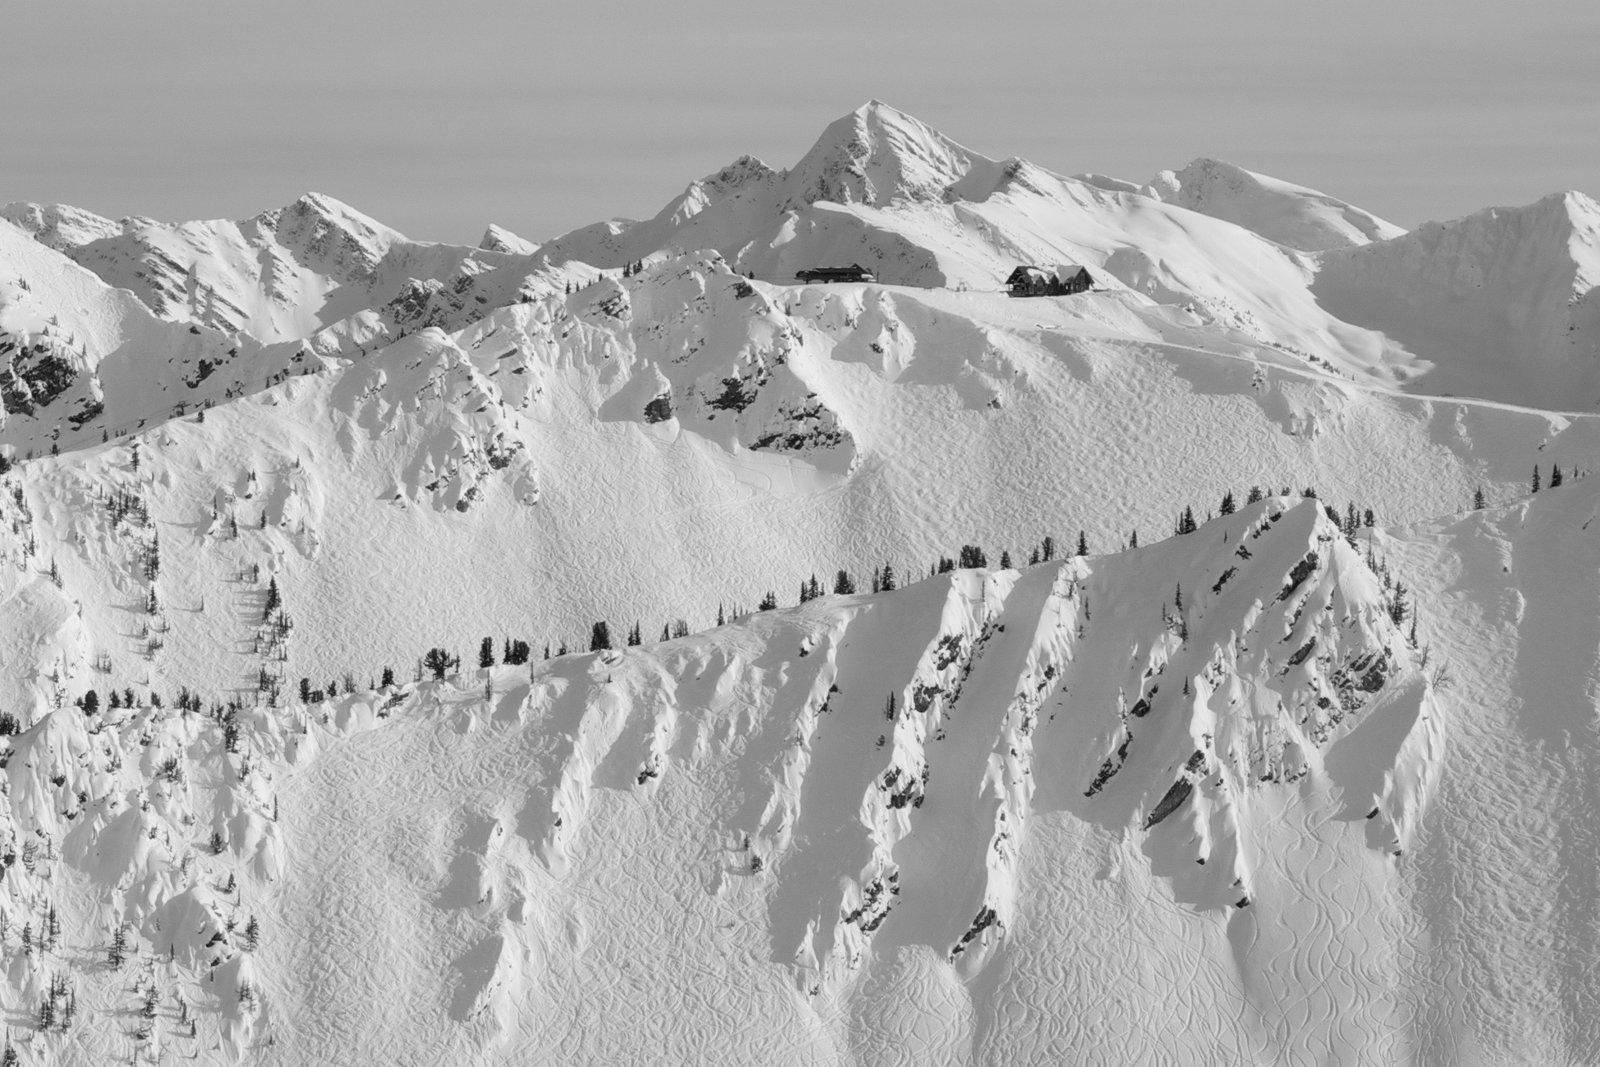 Kicking Horse Ridge Lines